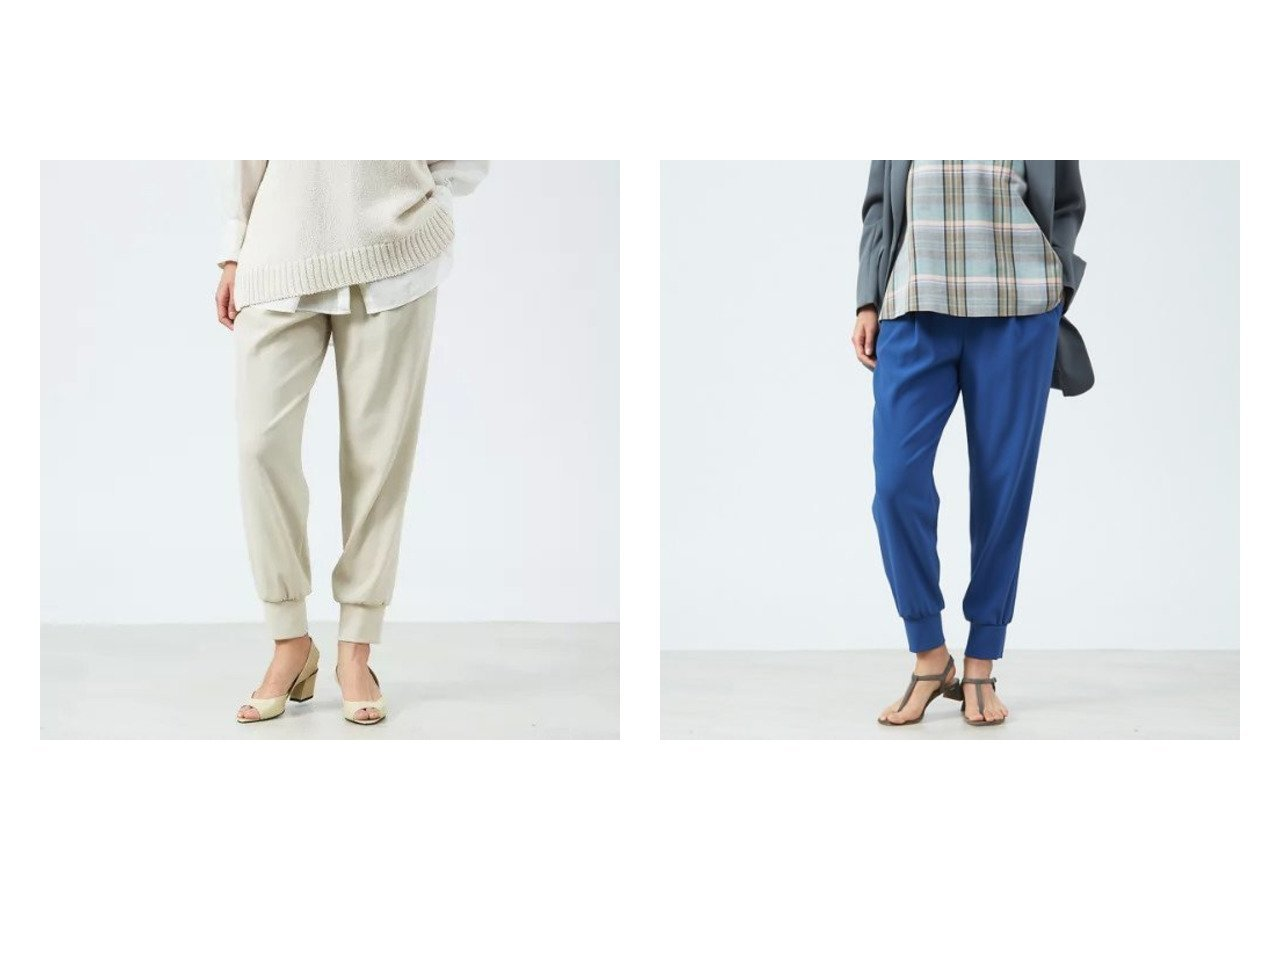 【qualite/カリテ】のジョーゼットドロストジョグパンツ パンツのおすすめ!人気、トレンド・レディースファッションの通販 おすすめで人気の流行・トレンド、ファッションの通販商品 メンズファッション・キッズファッション・インテリア・家具・レディースファッション・服の通販 founy(ファニー) https://founy.com/ ファッション Fashion レディースファッション WOMEN パンツ Pants A/W 秋冬 AW Autumn/Winter / FW Fall-Winter おすすめ Recommend スポーティ ドレープ フィット ワーク 春 Spring |ID:crp329100000025264